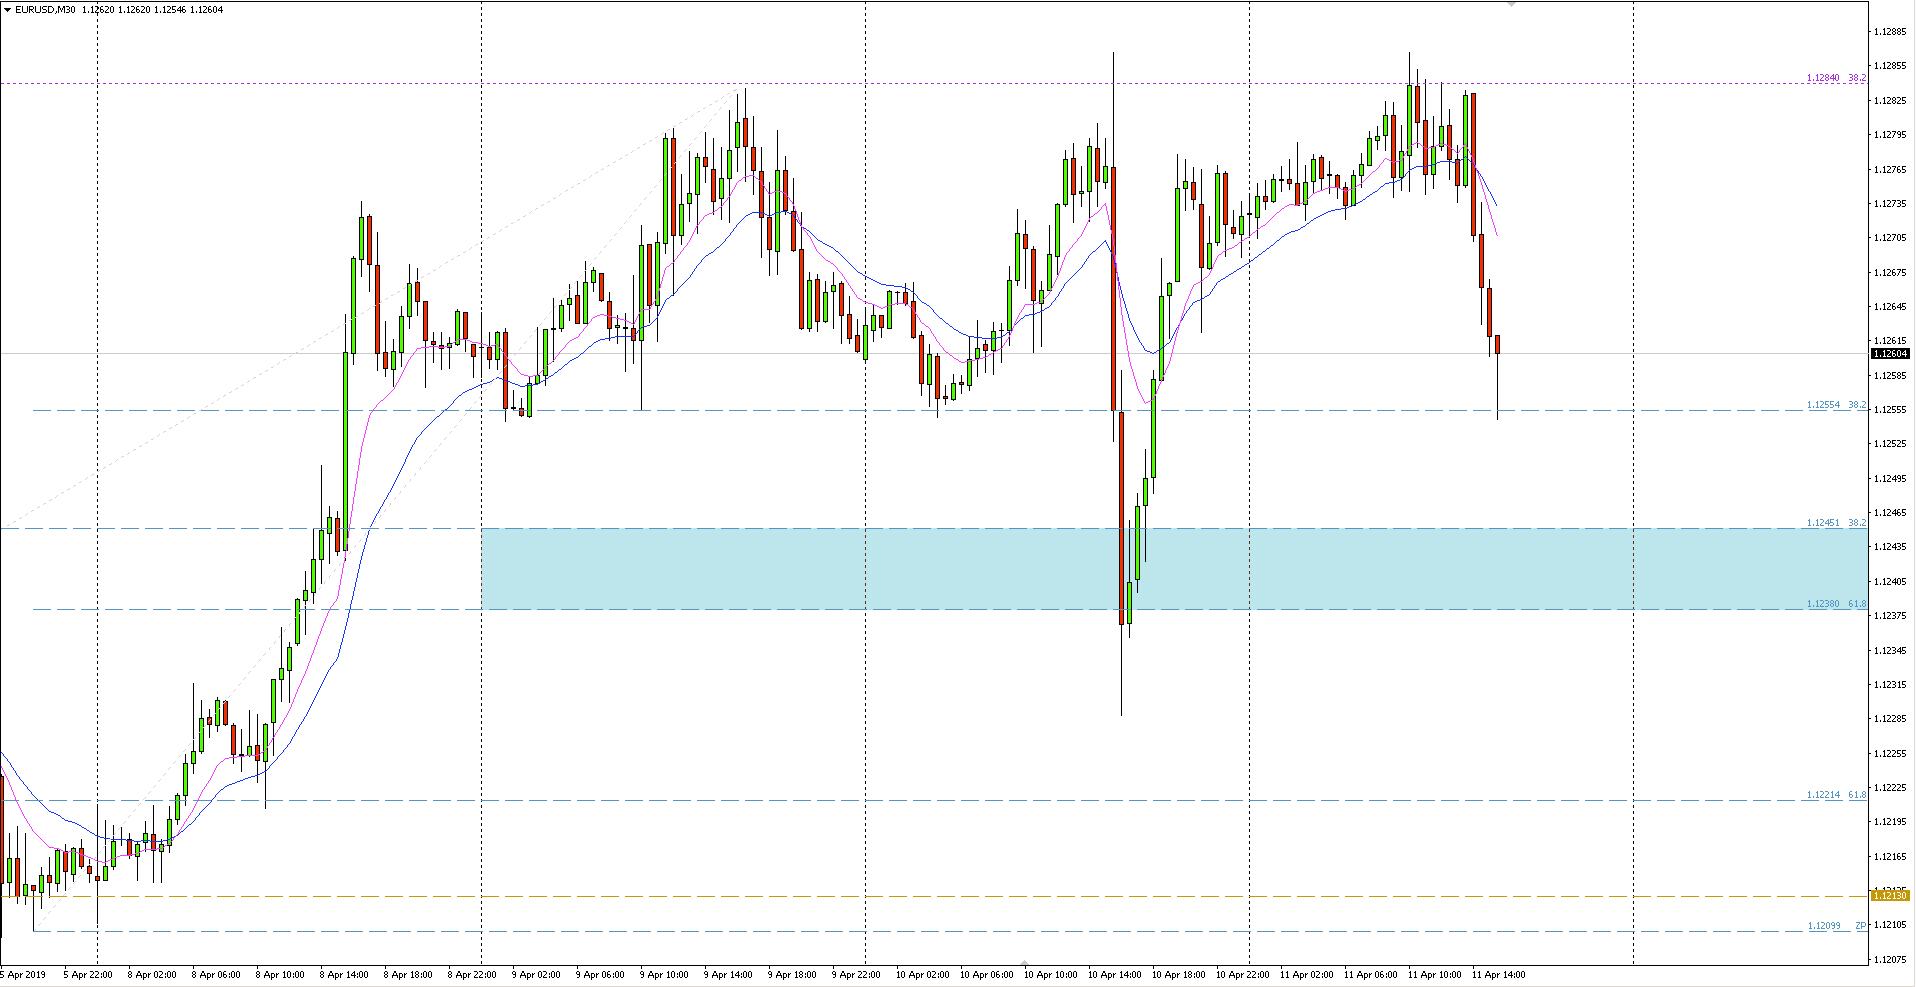 EUR/USD - wykres 30-minutowy - 11 kwietnia 2019 r.